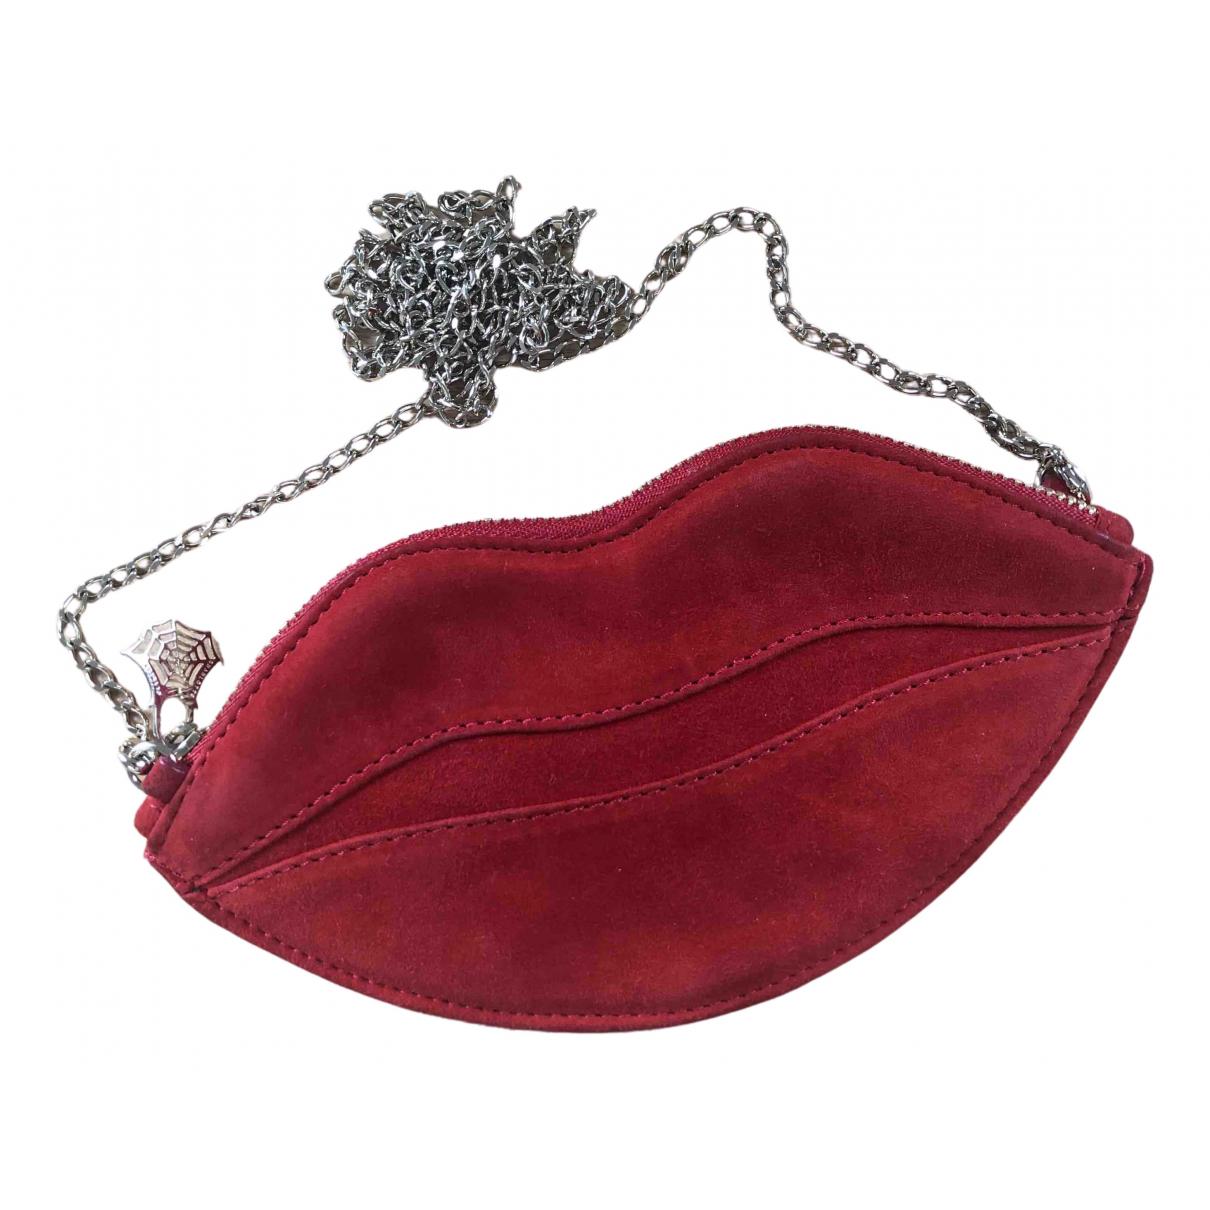 Charlotte Olympia \N Handtasche in  Rot Veloursleder